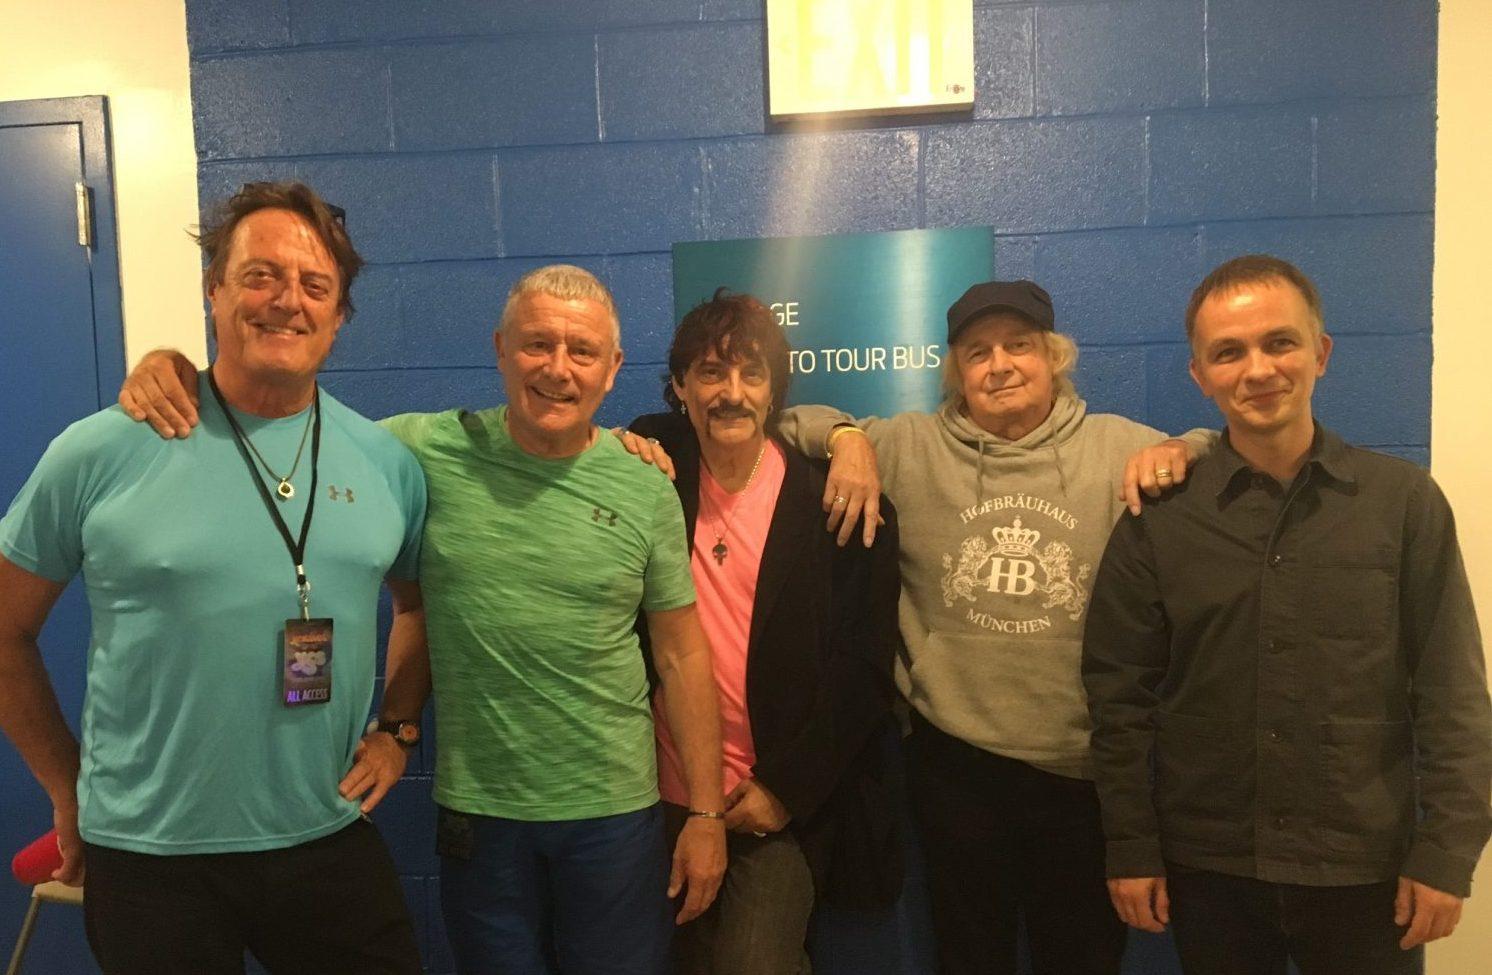 Yes Todd Rundgren Carl Palmer Tour